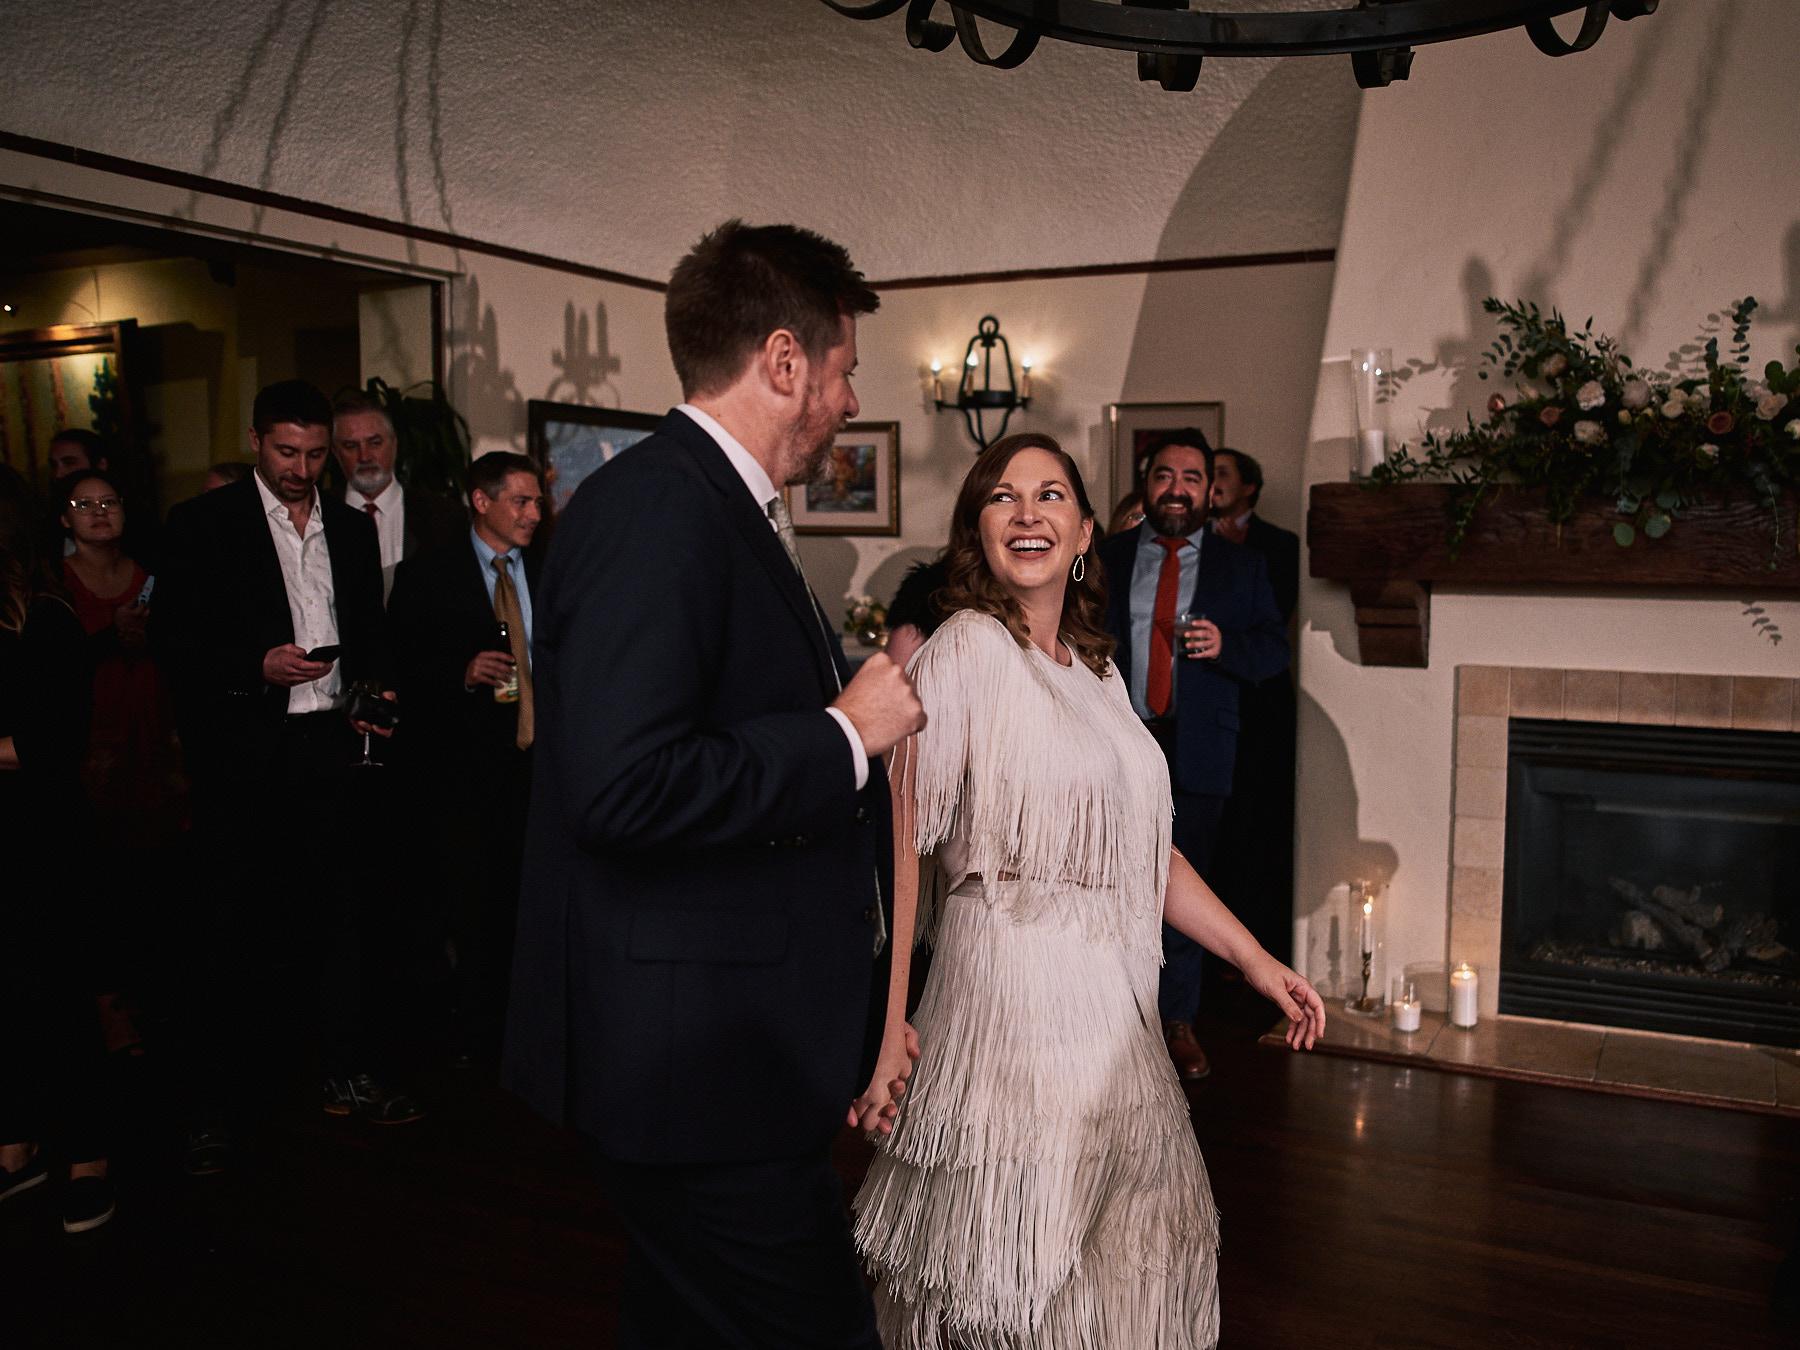 Riviera Mansion wedding first dance